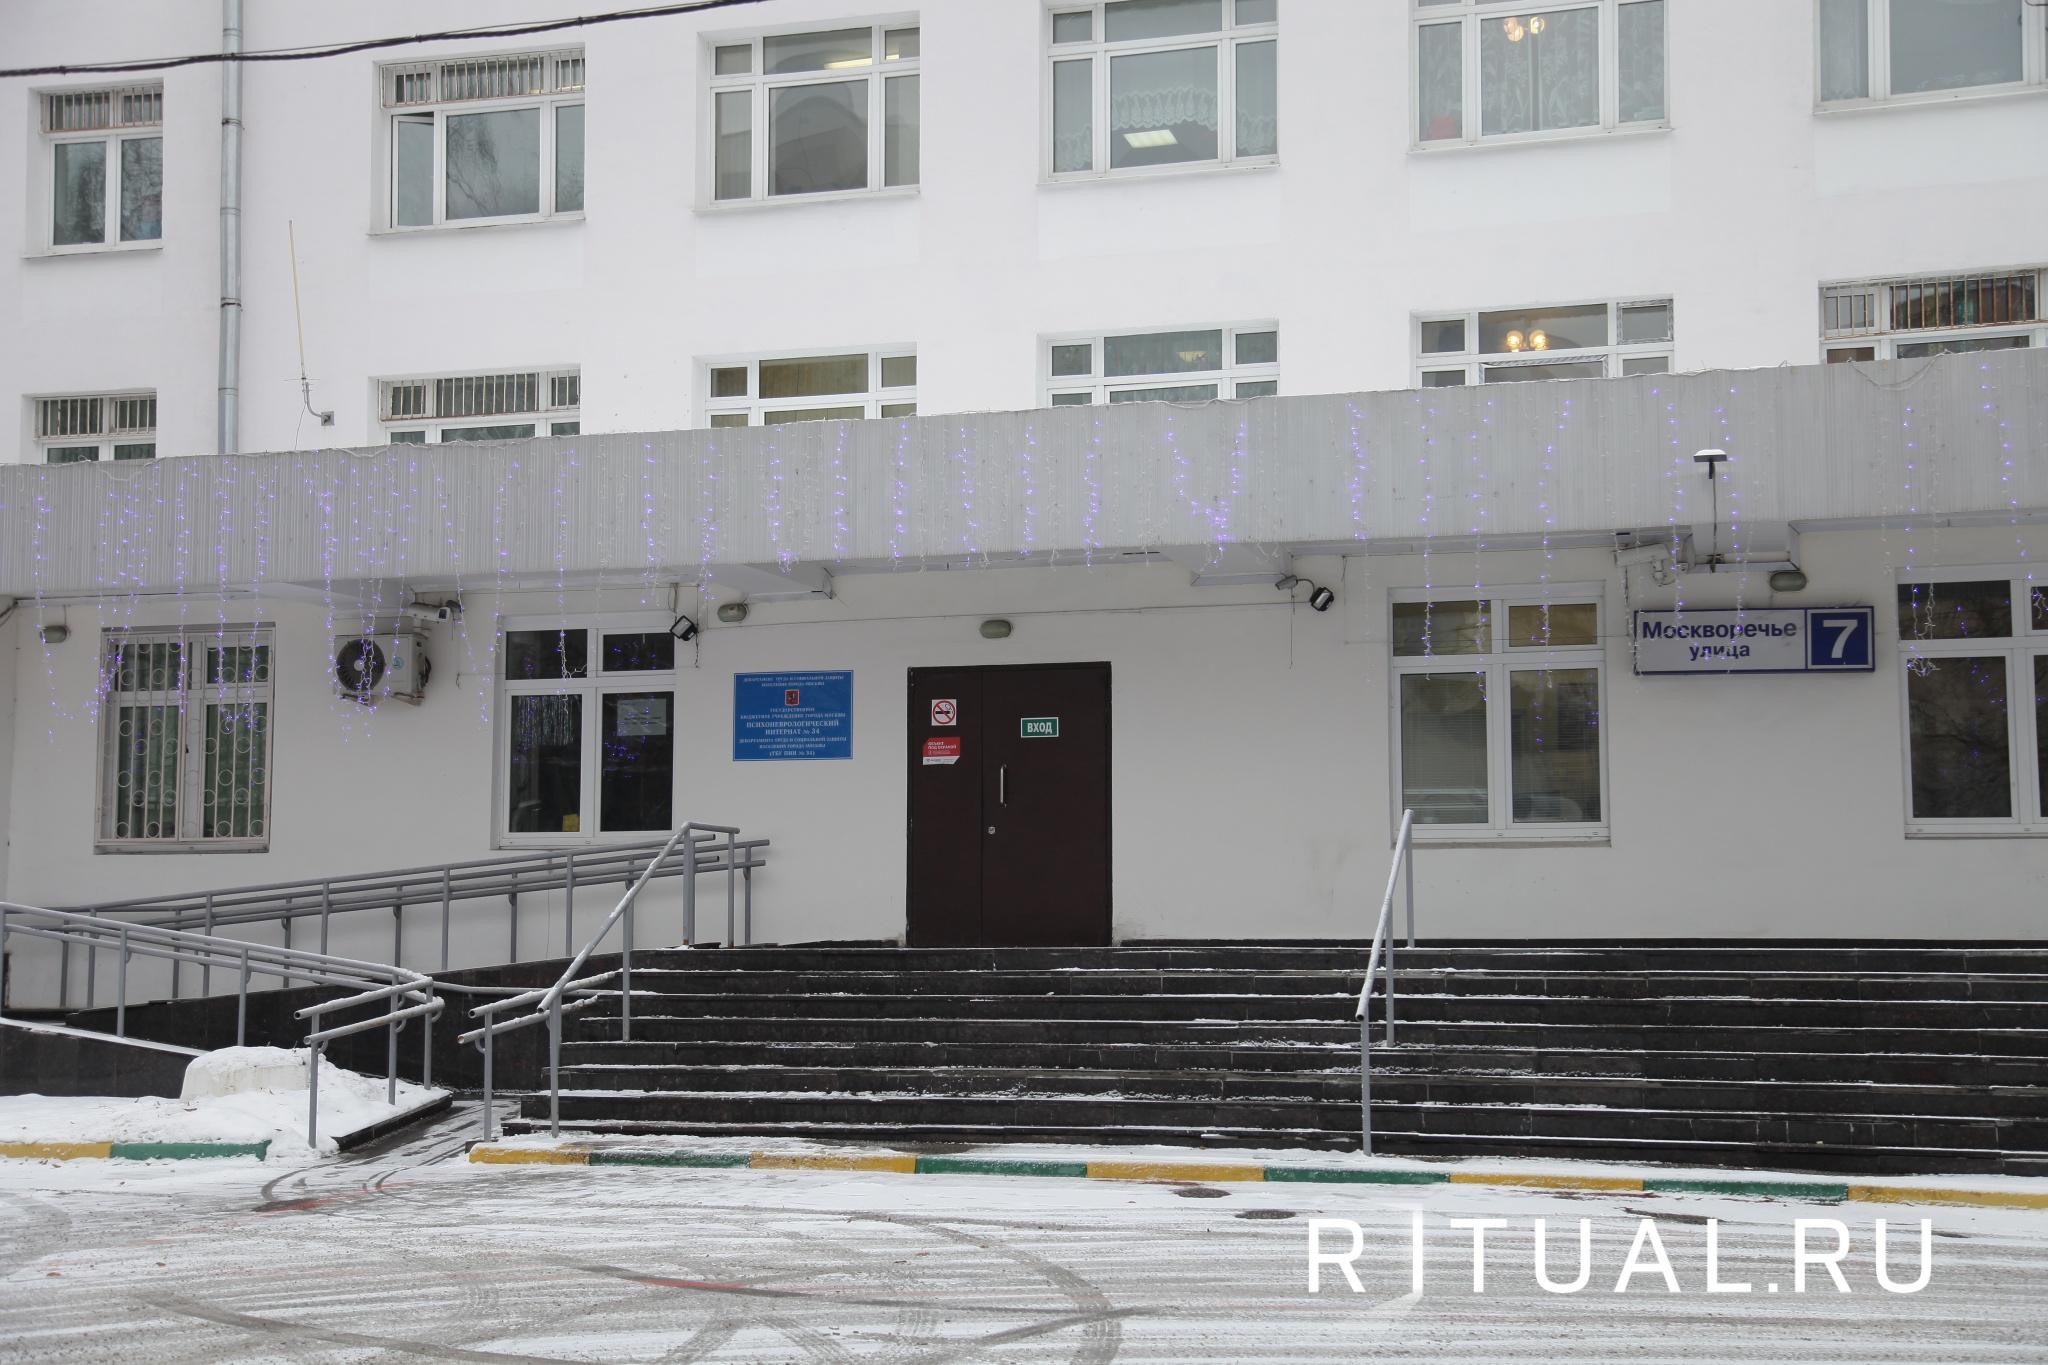 Гкб 40 москва официальный сайт схема проезда фото 897